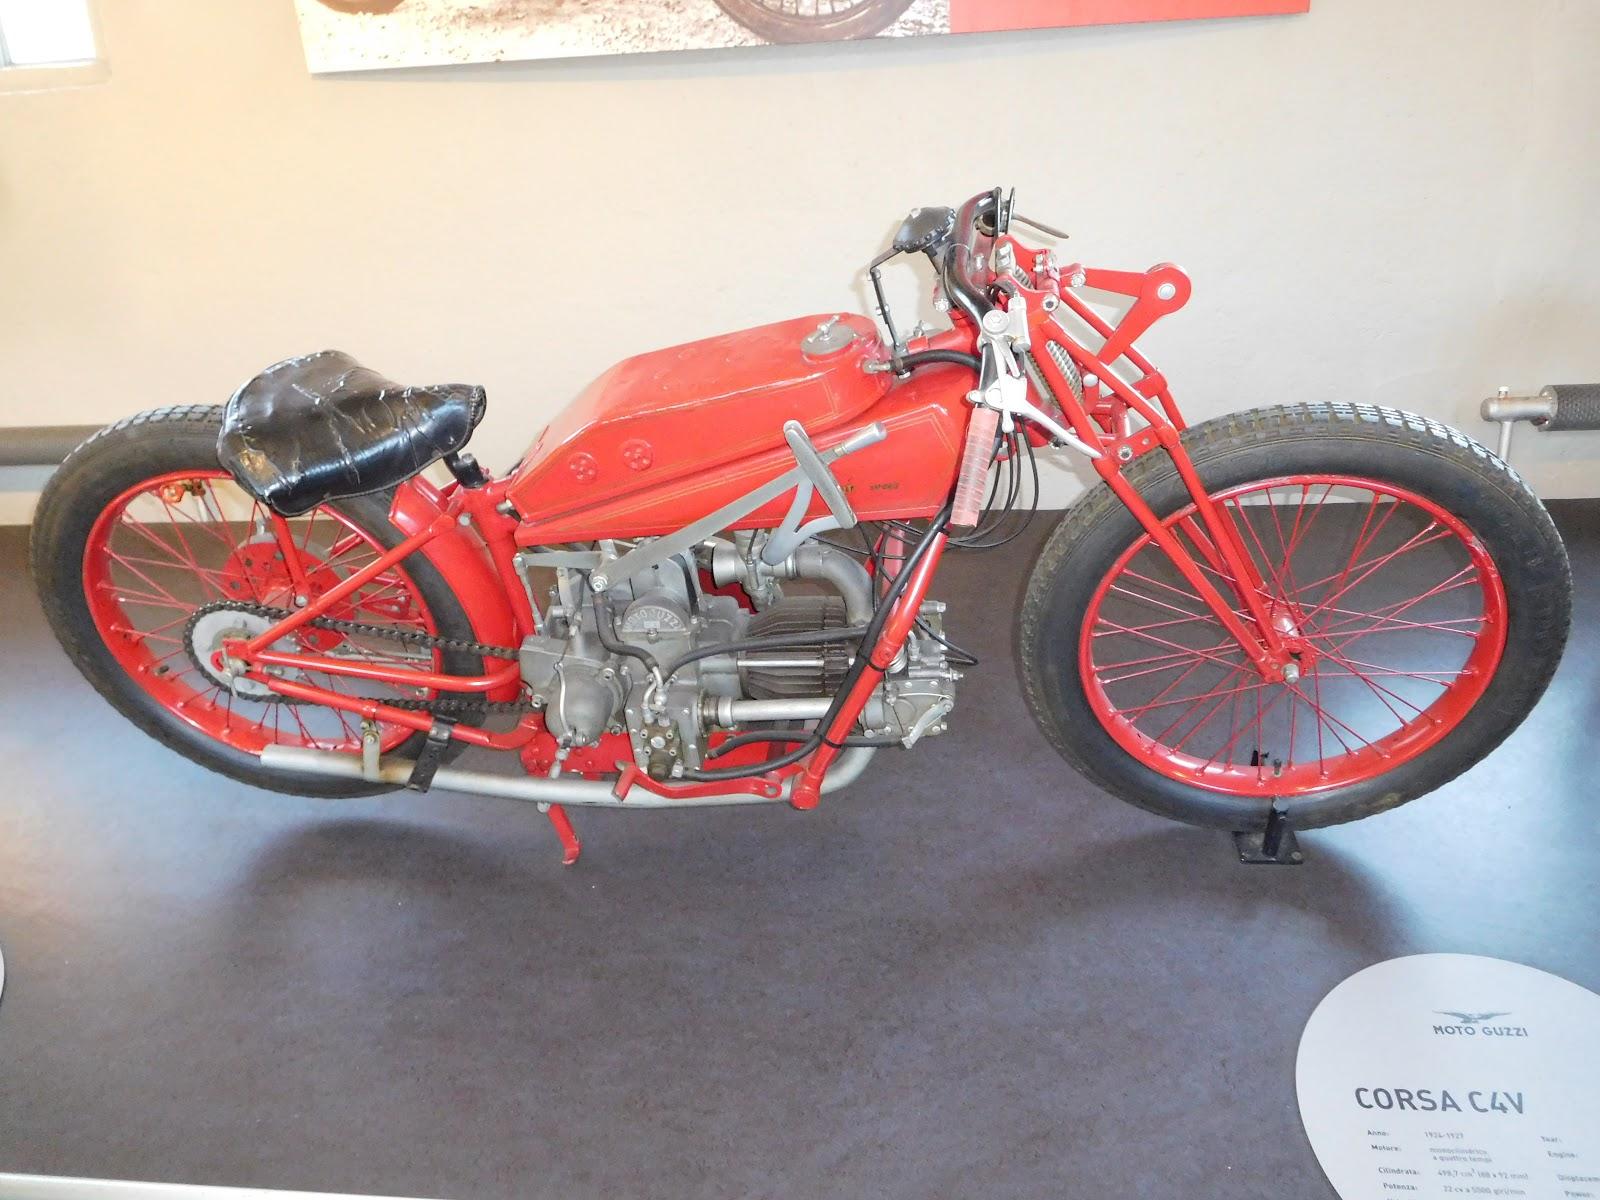 NYDucati: 1924-27 Moto Guzzi Corsa CV4